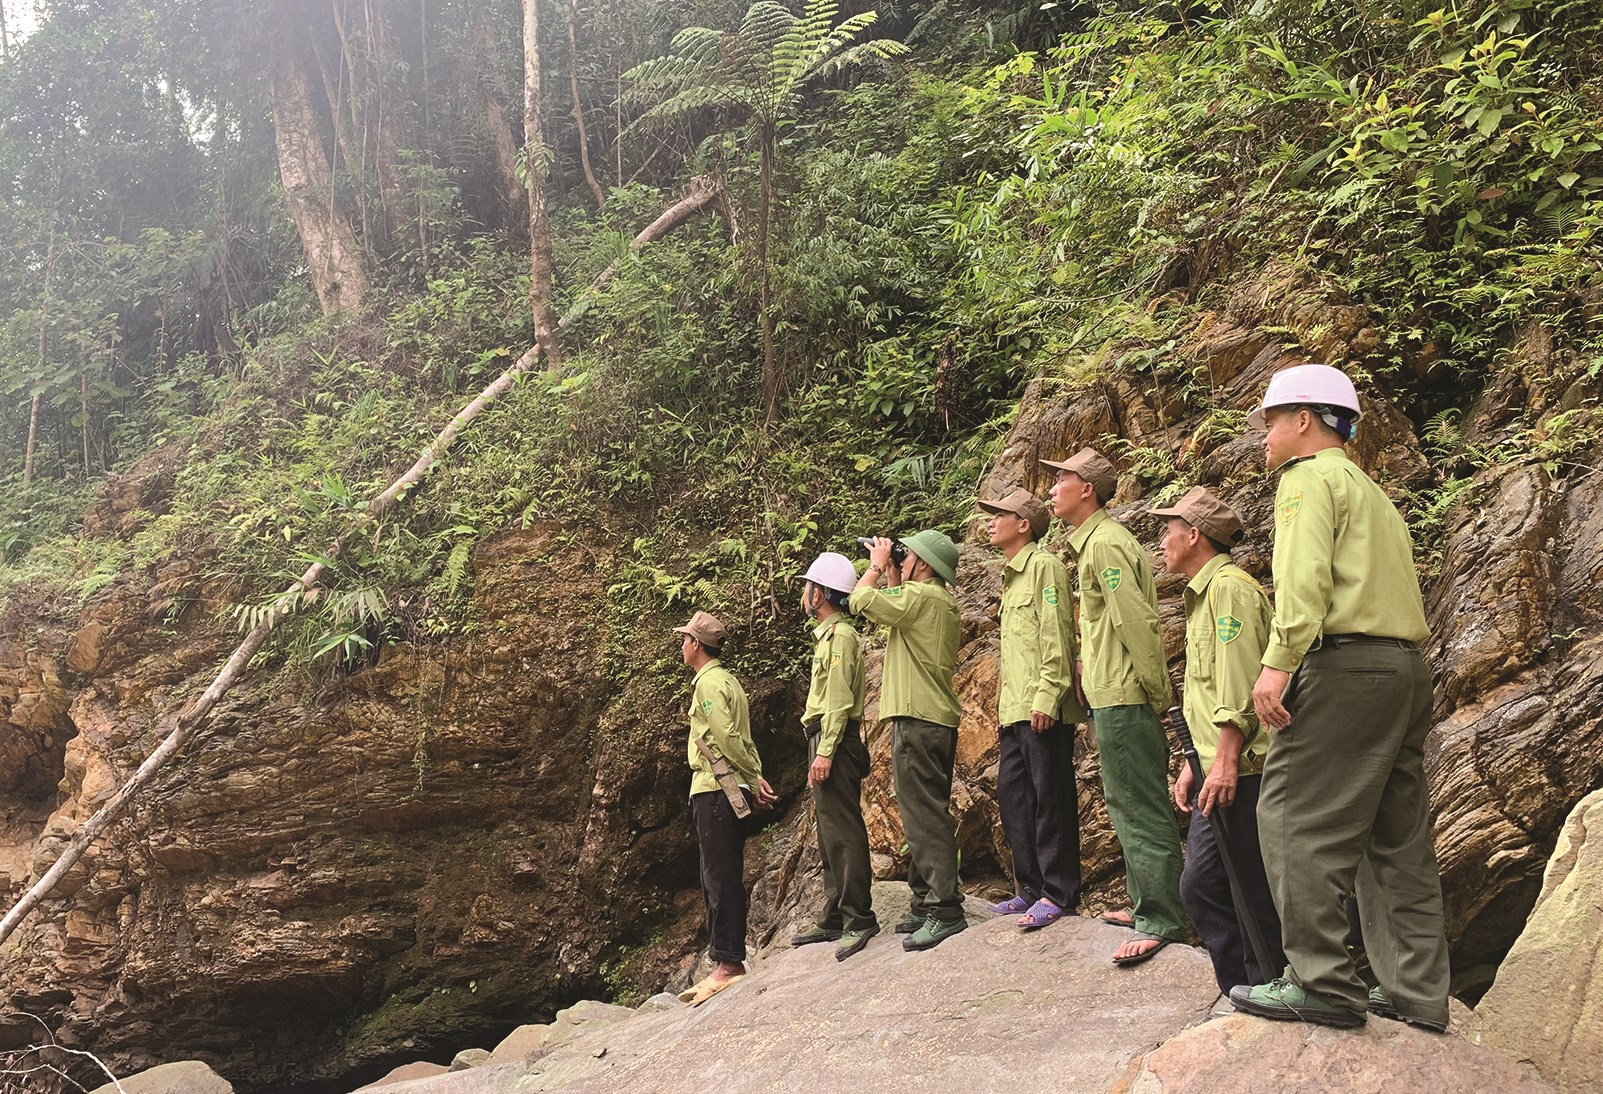 Việc tiếp quản những diện tích rừng do doanh nghiệp quản lý giao về cho địa phương hiện đang gặp nhiều khó khăn do lực lượng bảo vệ rừng còn mỏng